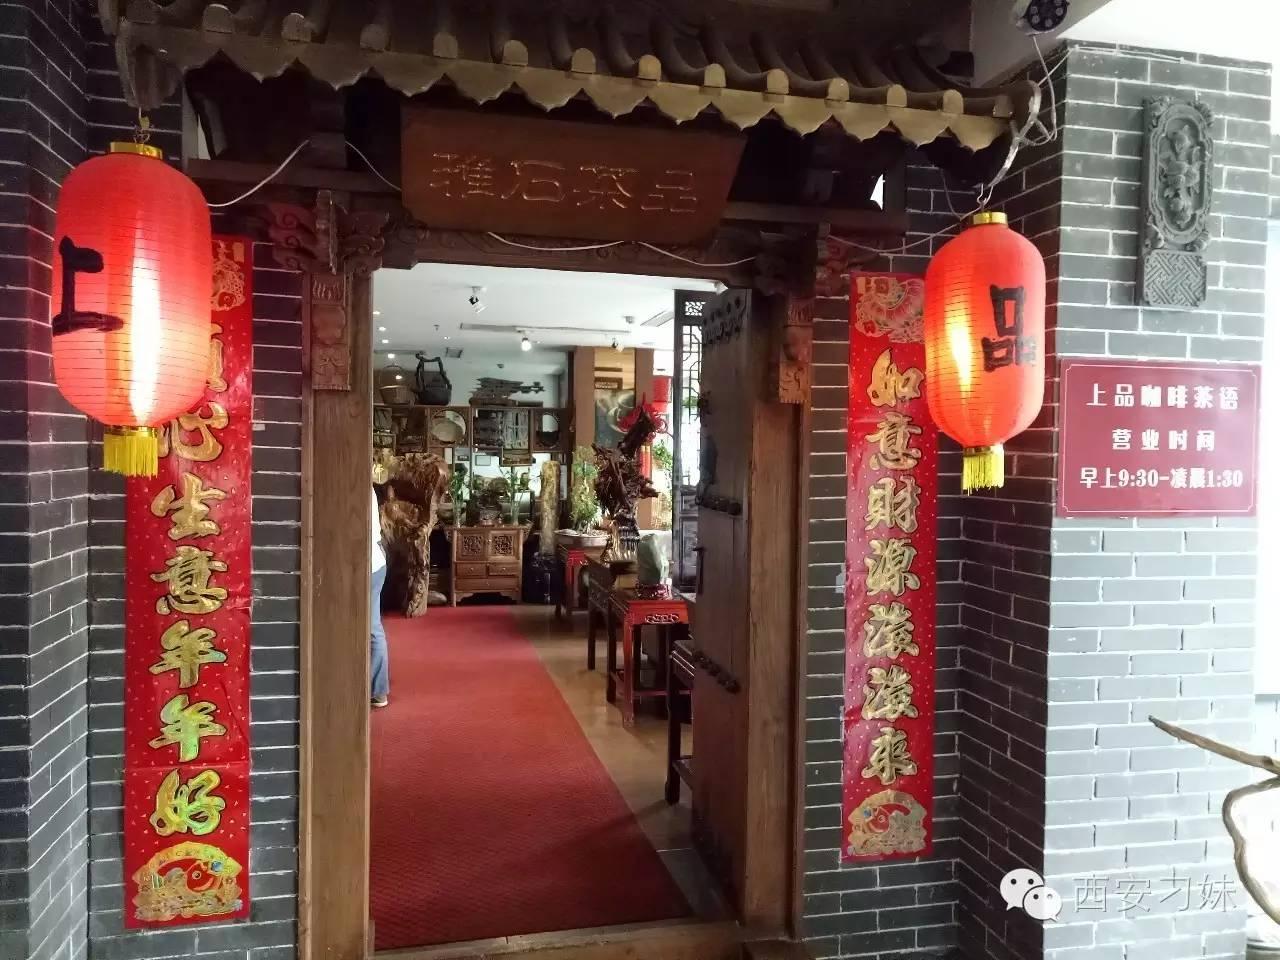 不正经的咖啡厅特色家居中餐馆_堪比_南阳新自助火锅图片菜品菜品图片